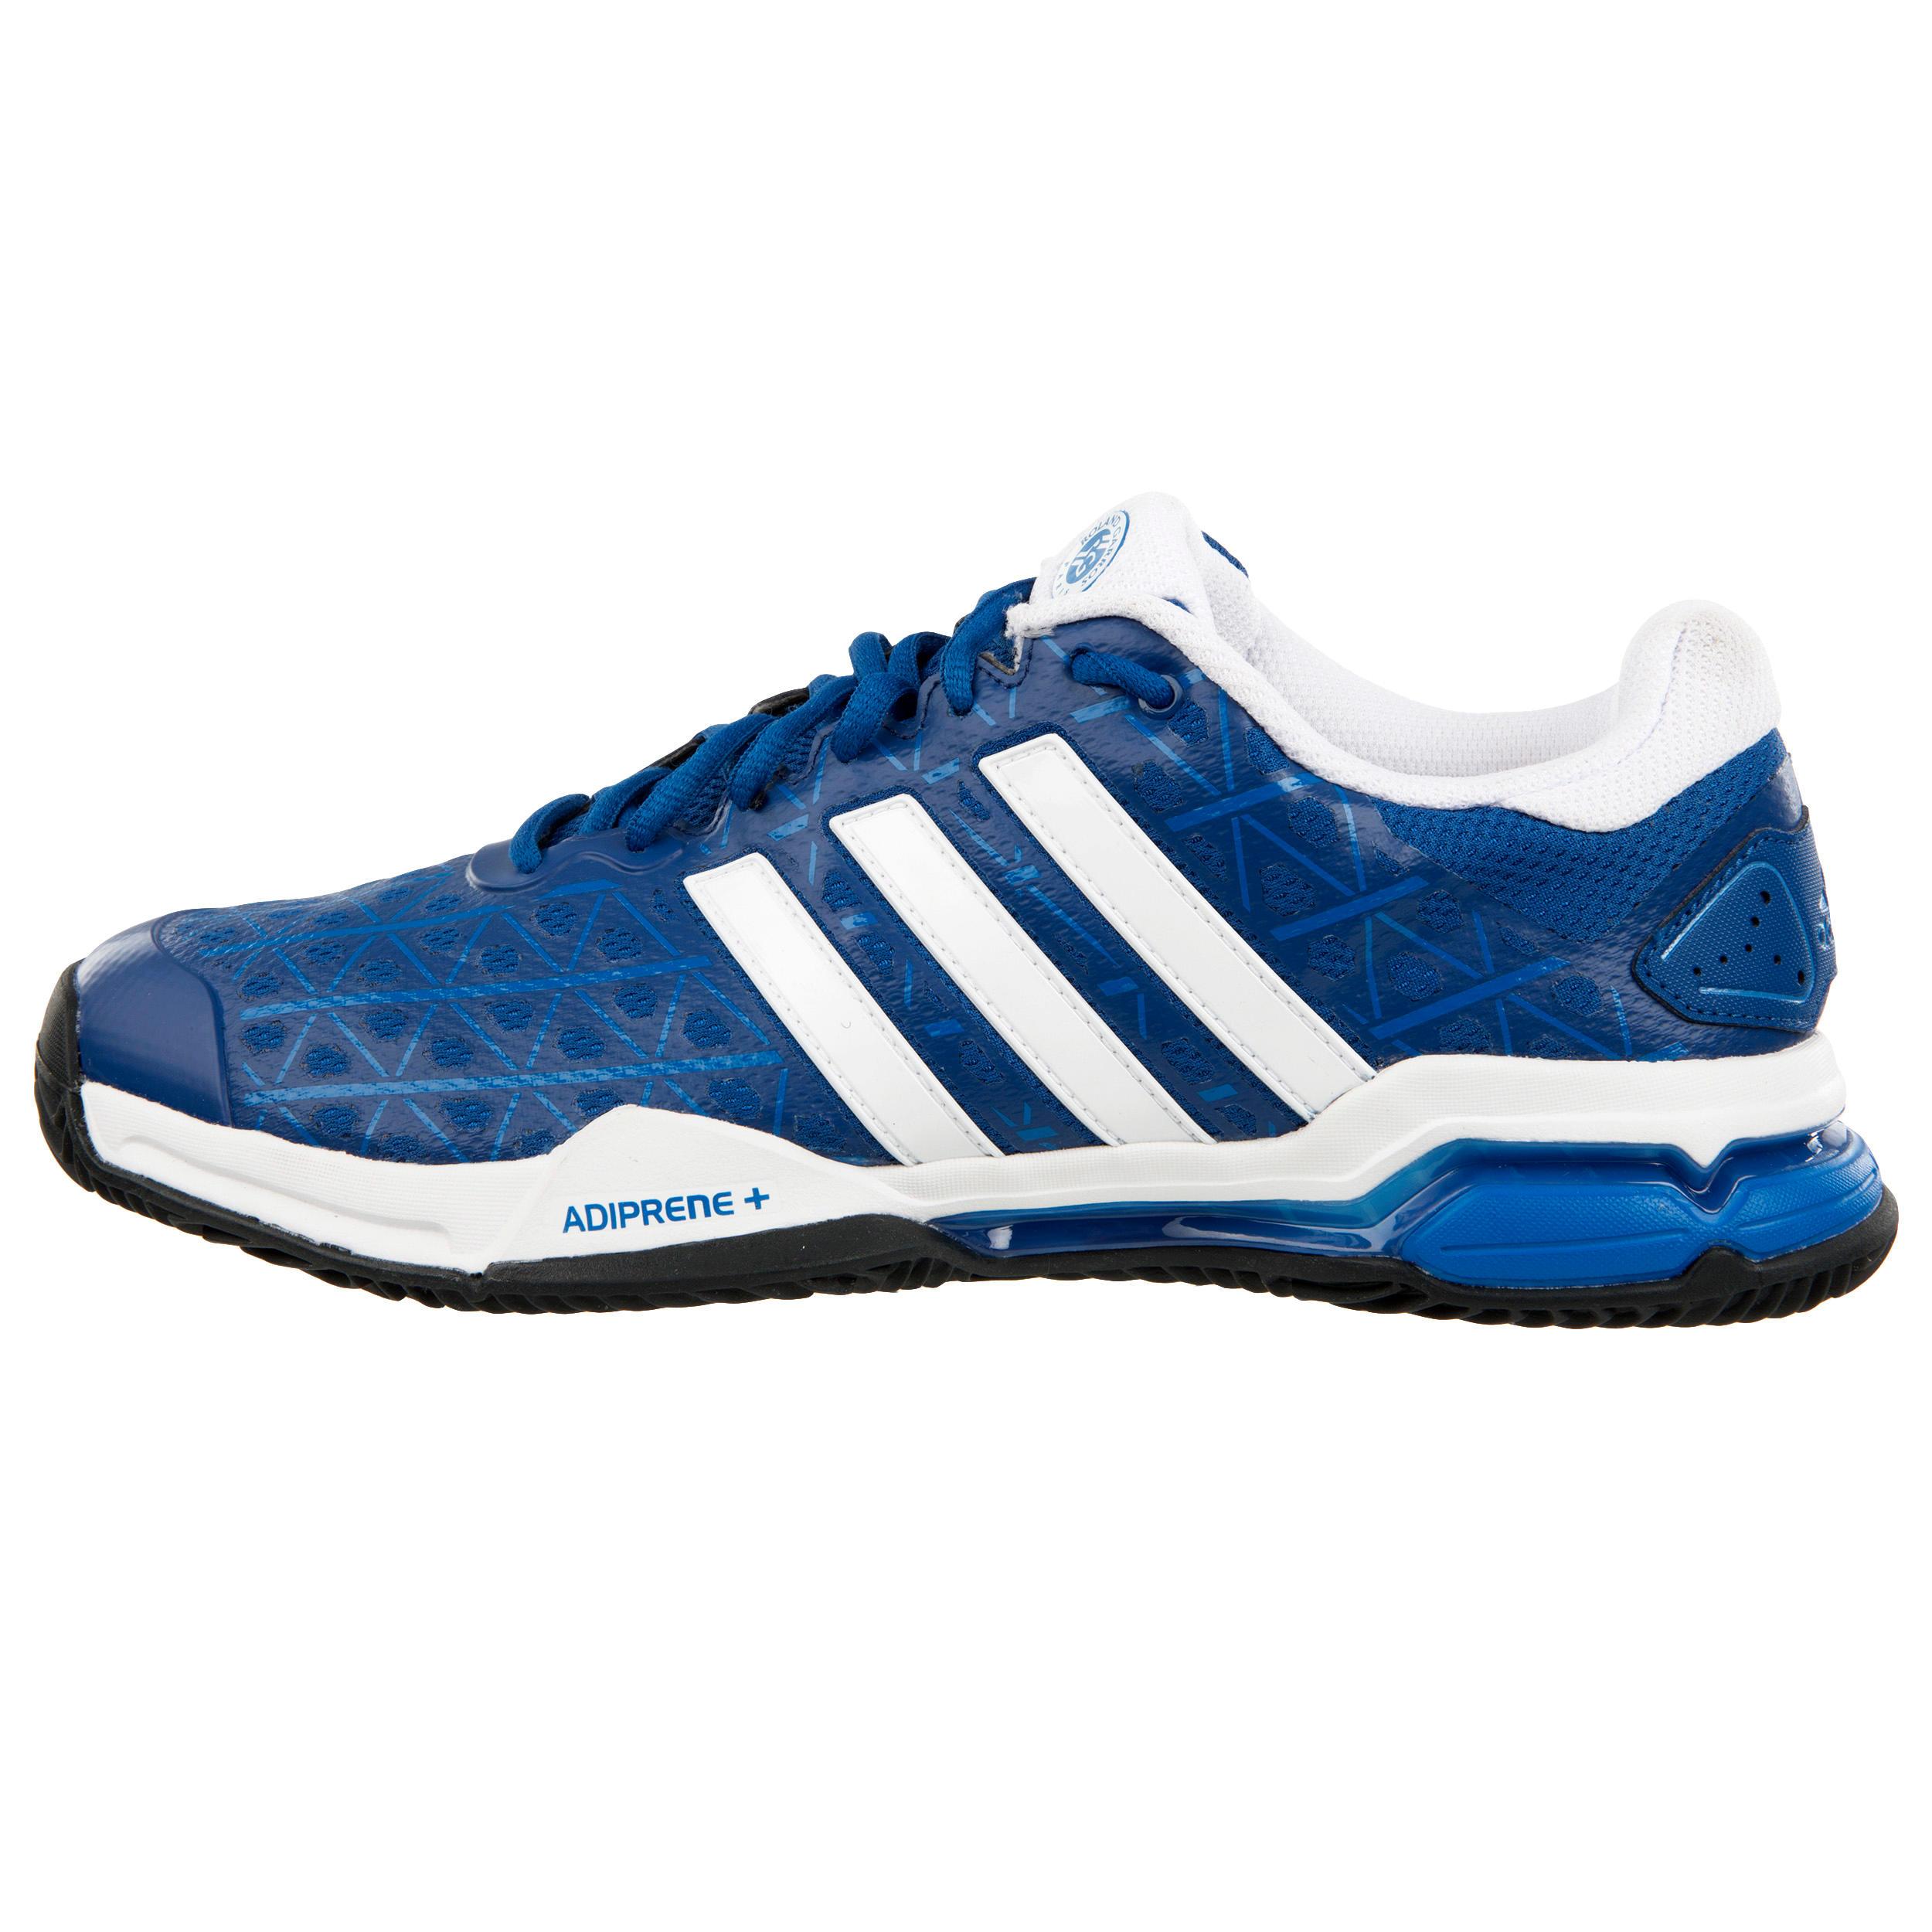 Barricade Marine Chaussures De Club Tennis Adidas Clay xBCeWdor